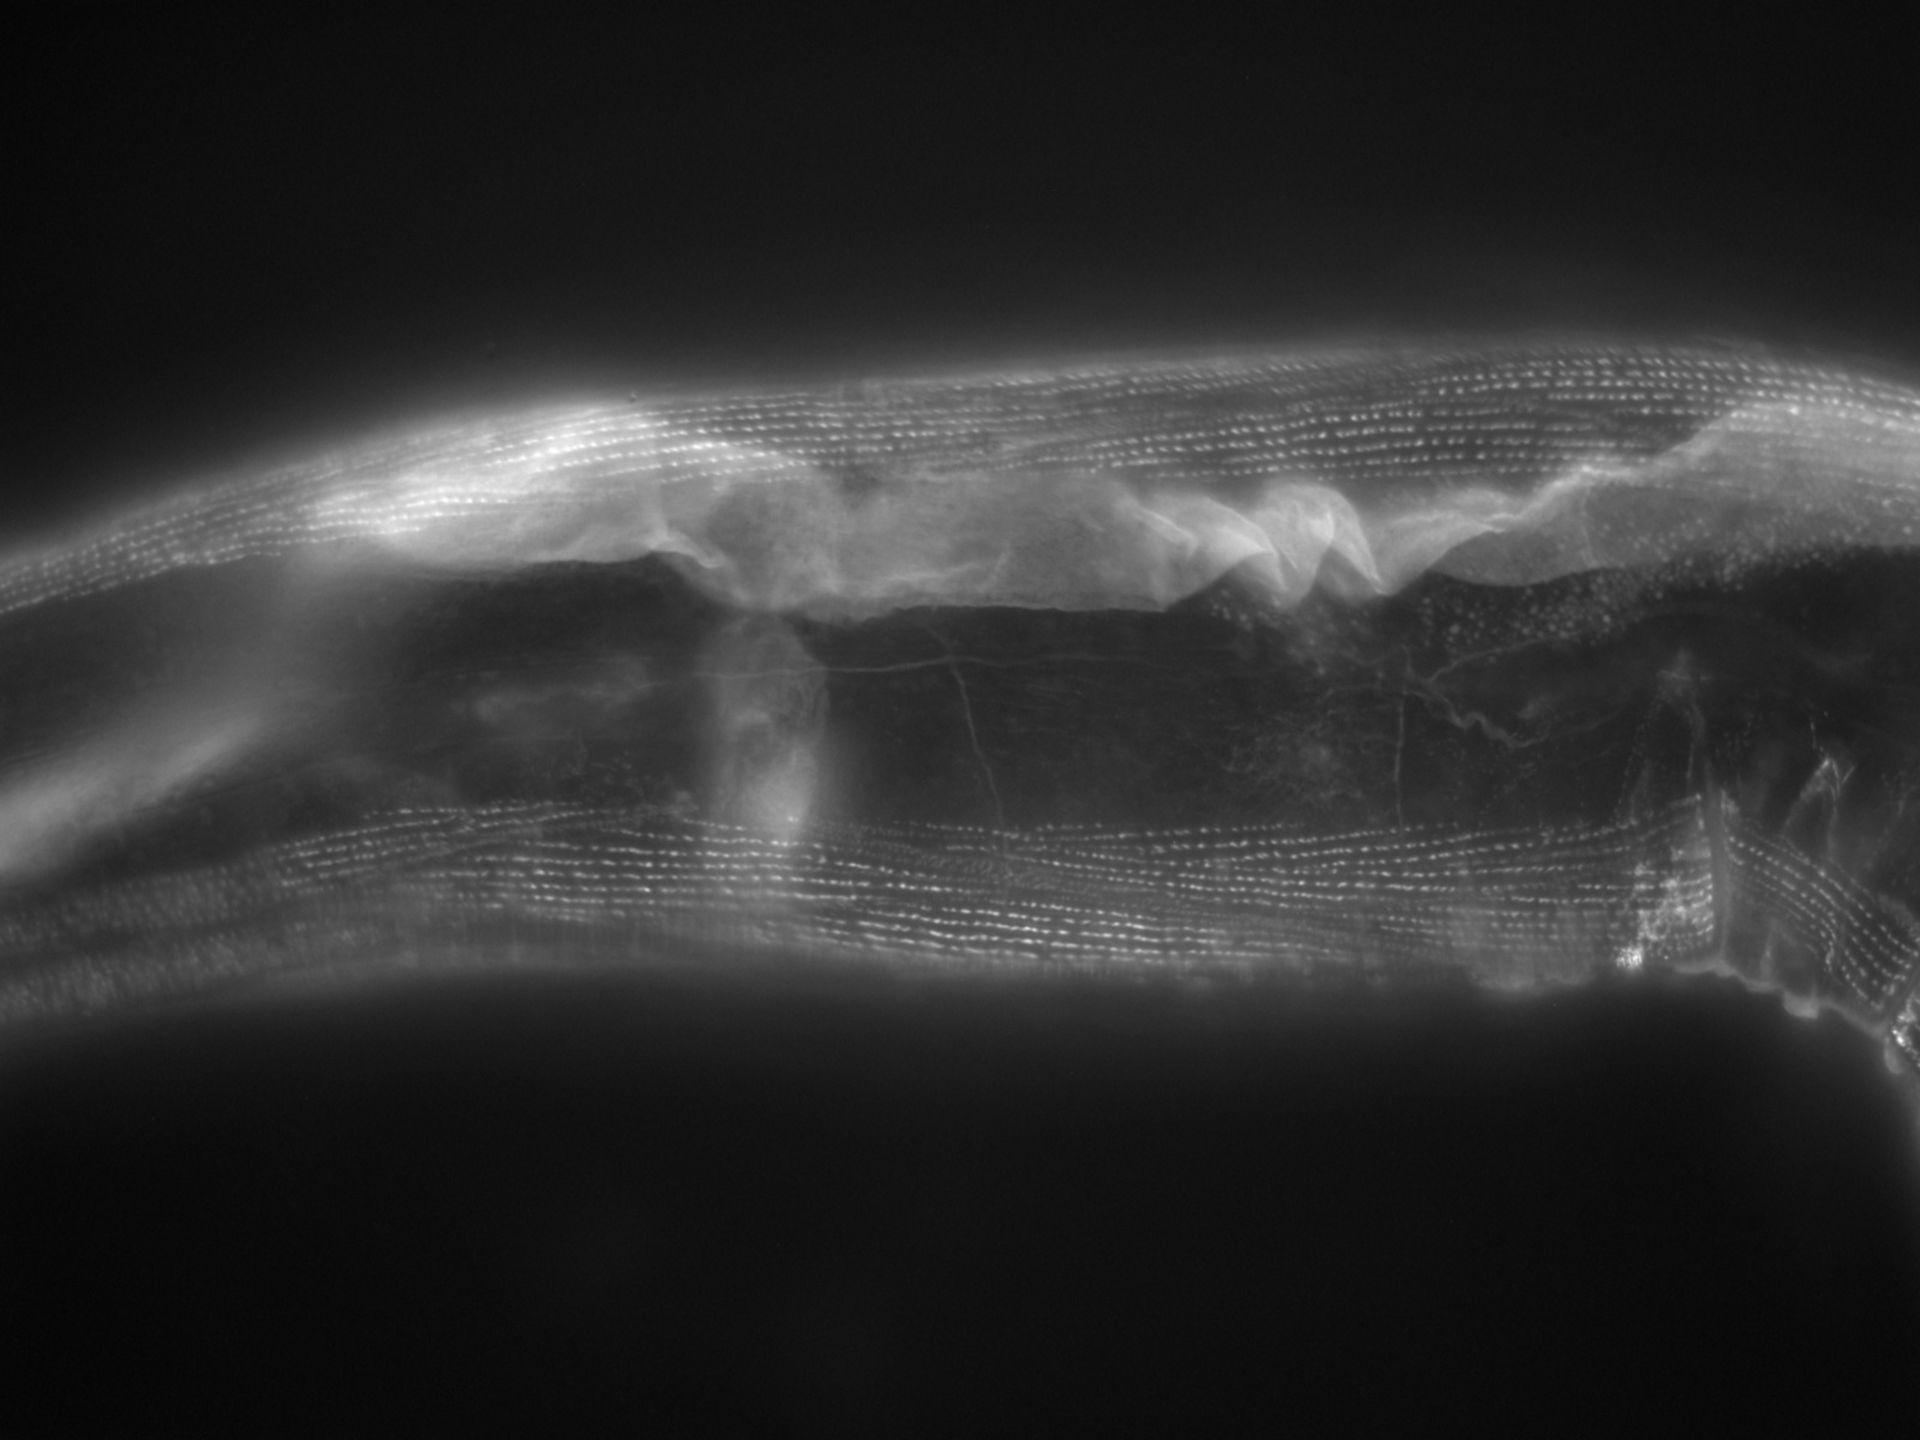 Caenorhabditis elegans (Actin filament) - CIL:1117